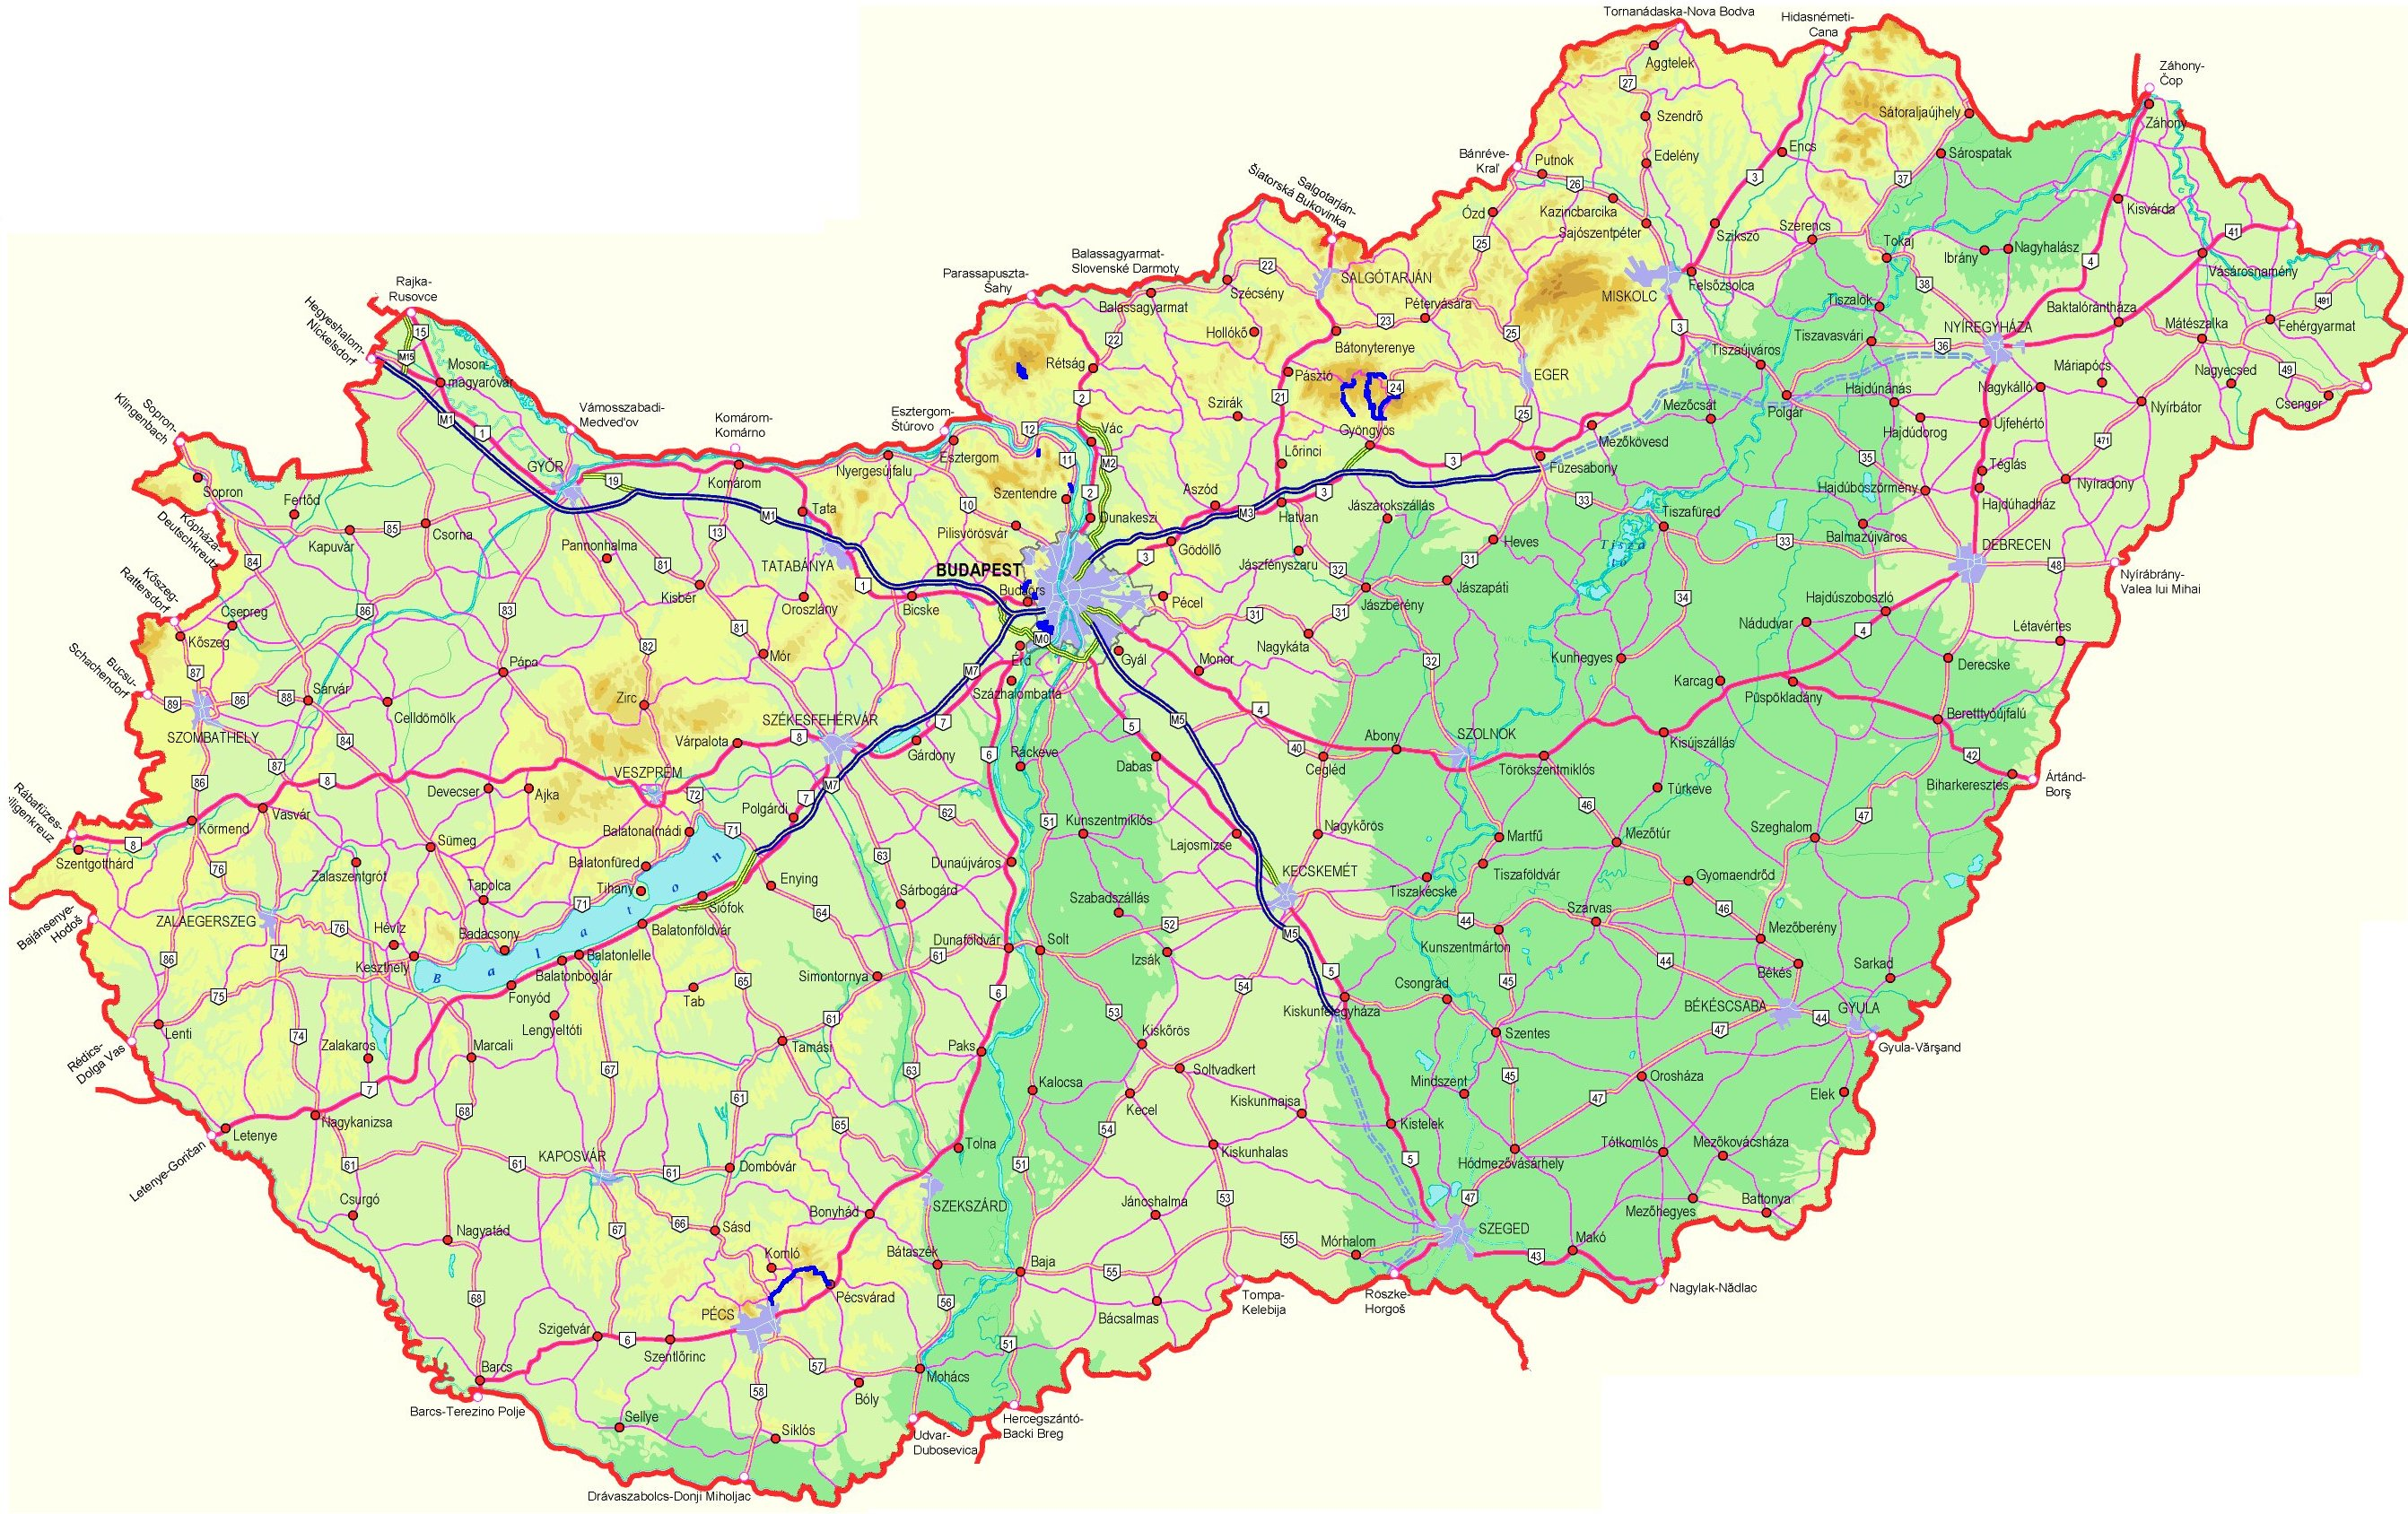 online térkép Online térképek: Magyarország domborzati térkép 2., Mecsek online térkép